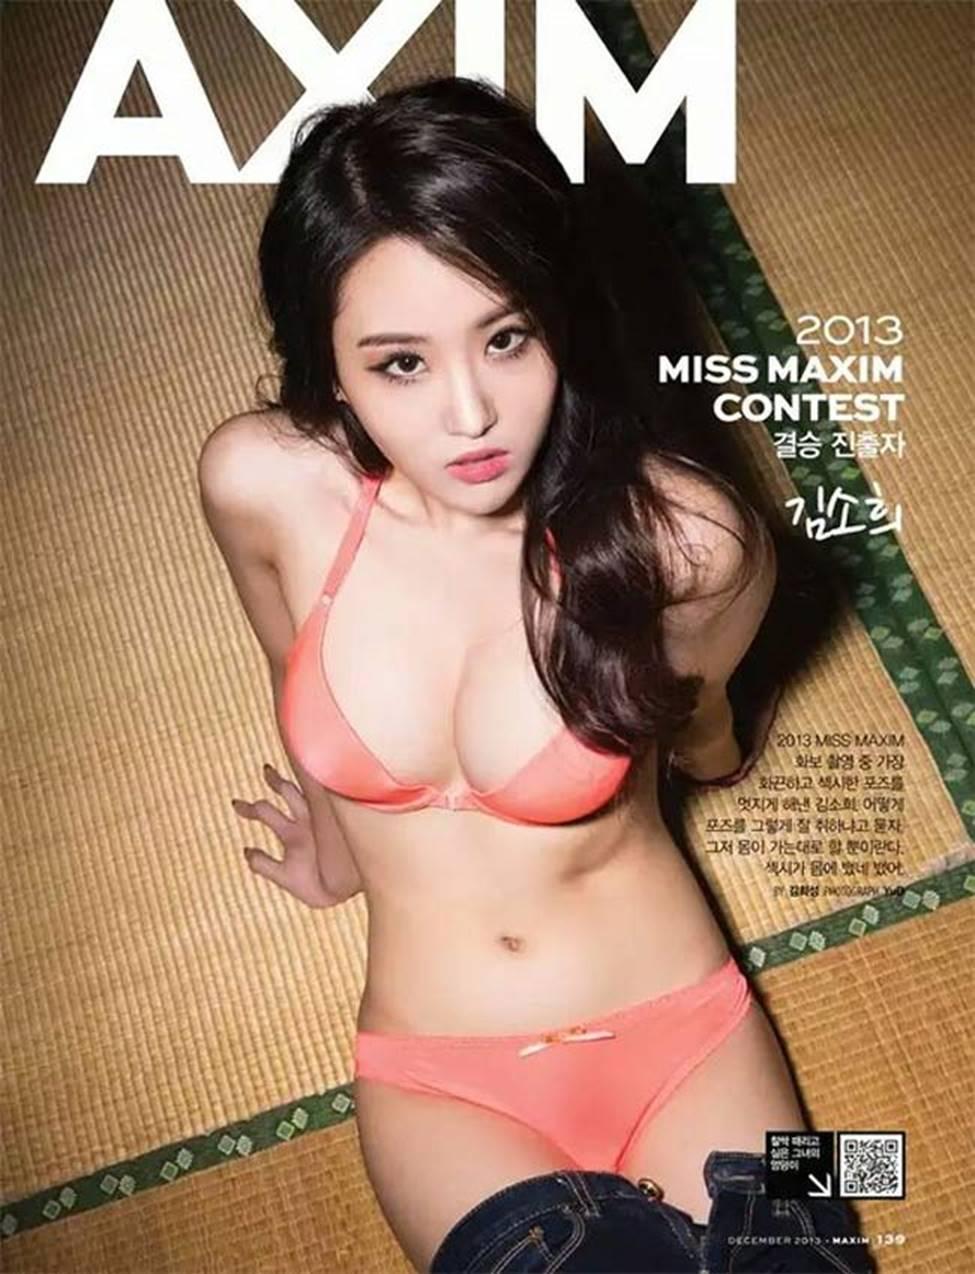 3 siêu phẩm tạp chí đàn ông Hàn có vẻ đẹp khêu gợi, rất đỗi đàn bà-15